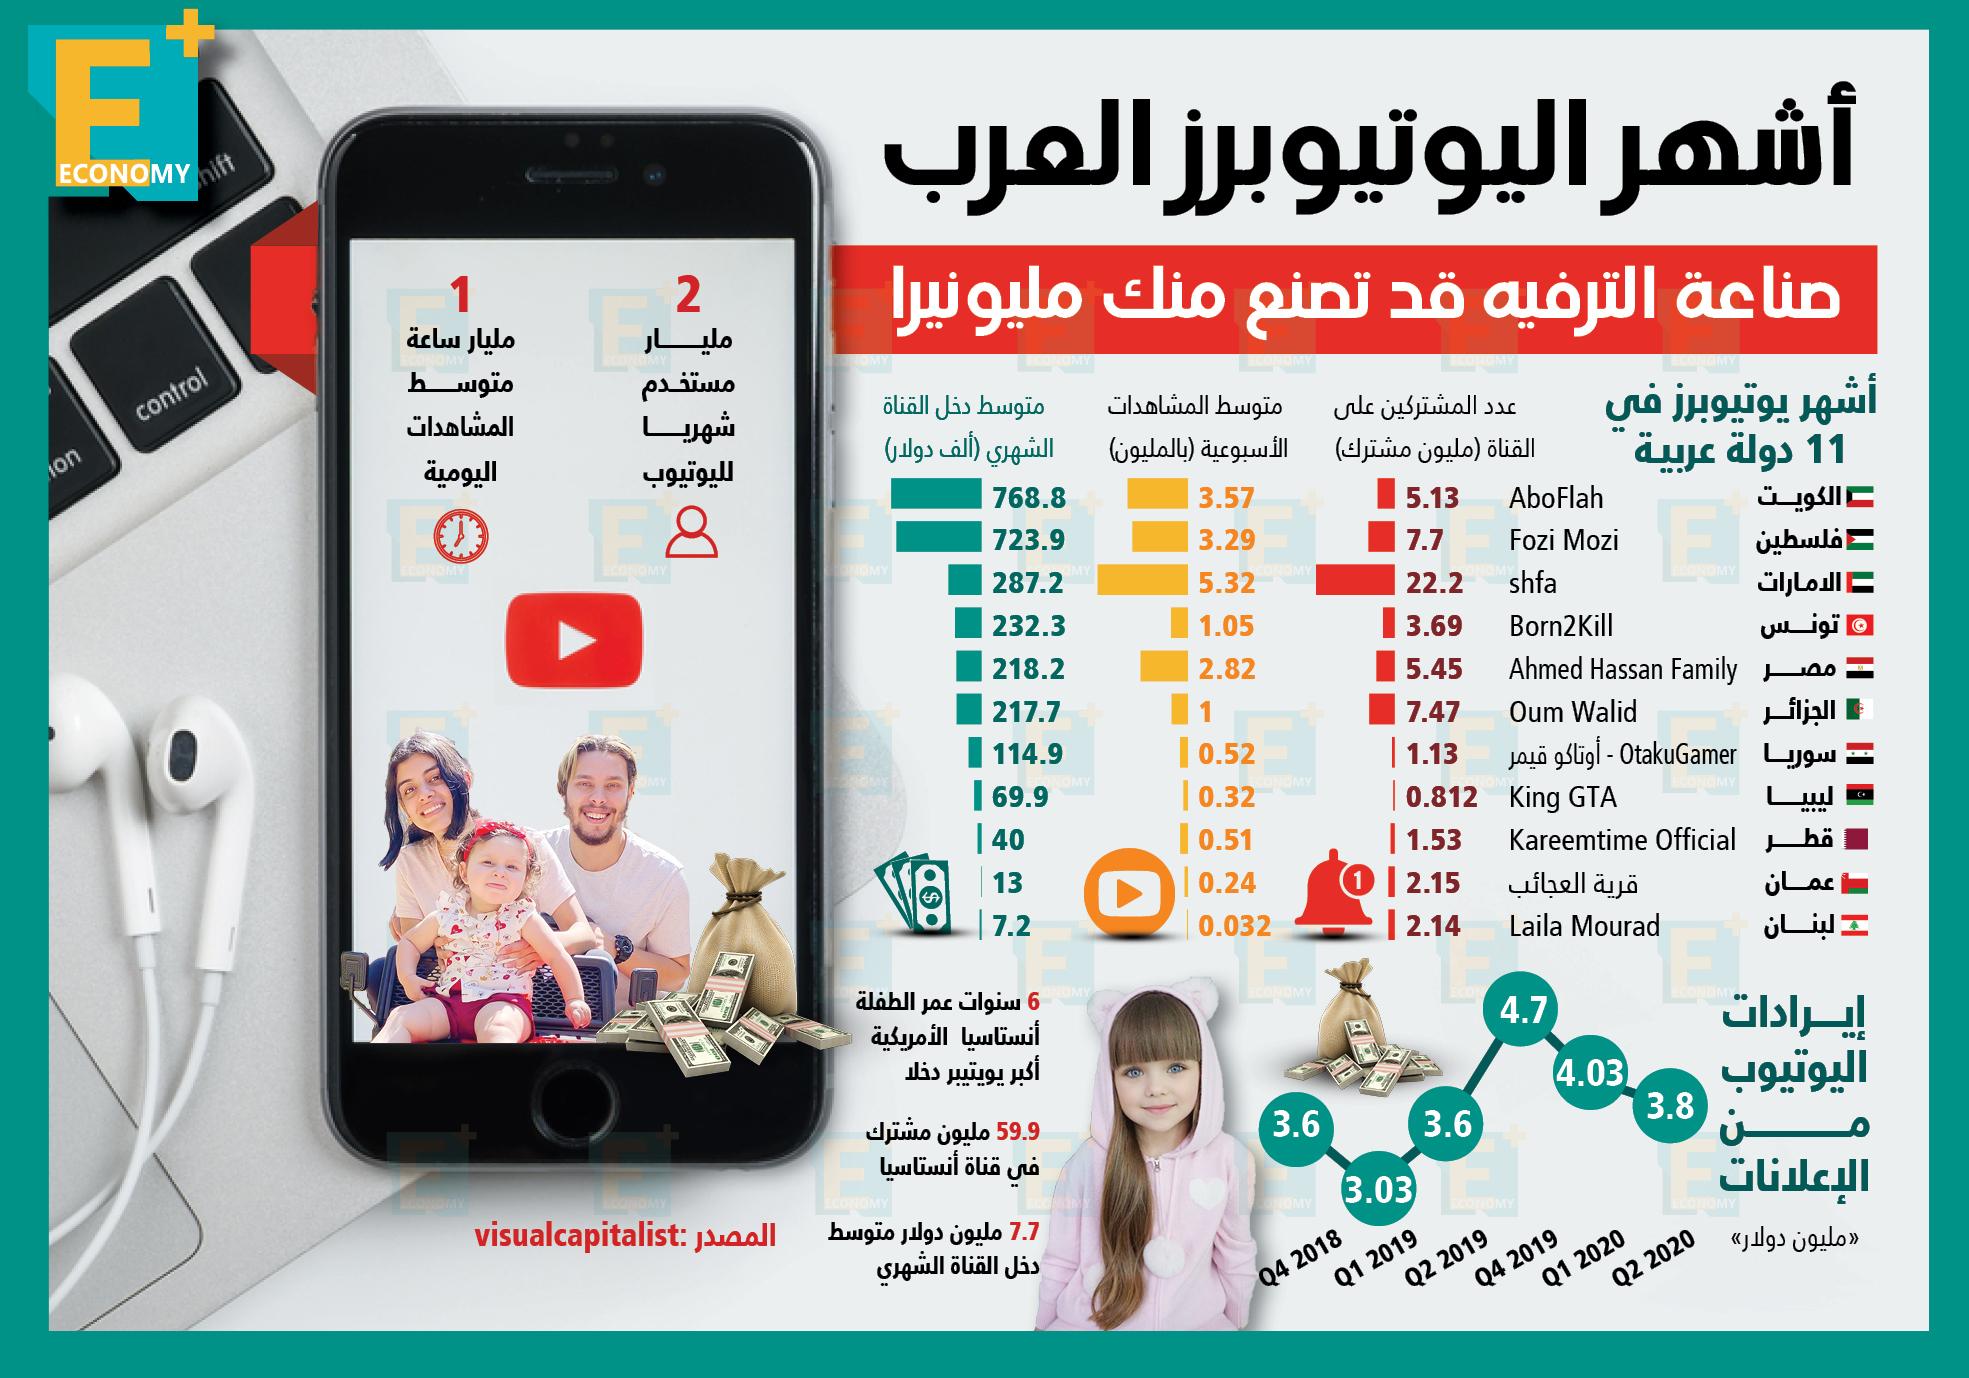 أشهر اليوتيوبرز العرب.. صناعة الترفيه قد تصنع منك مليونيرًا